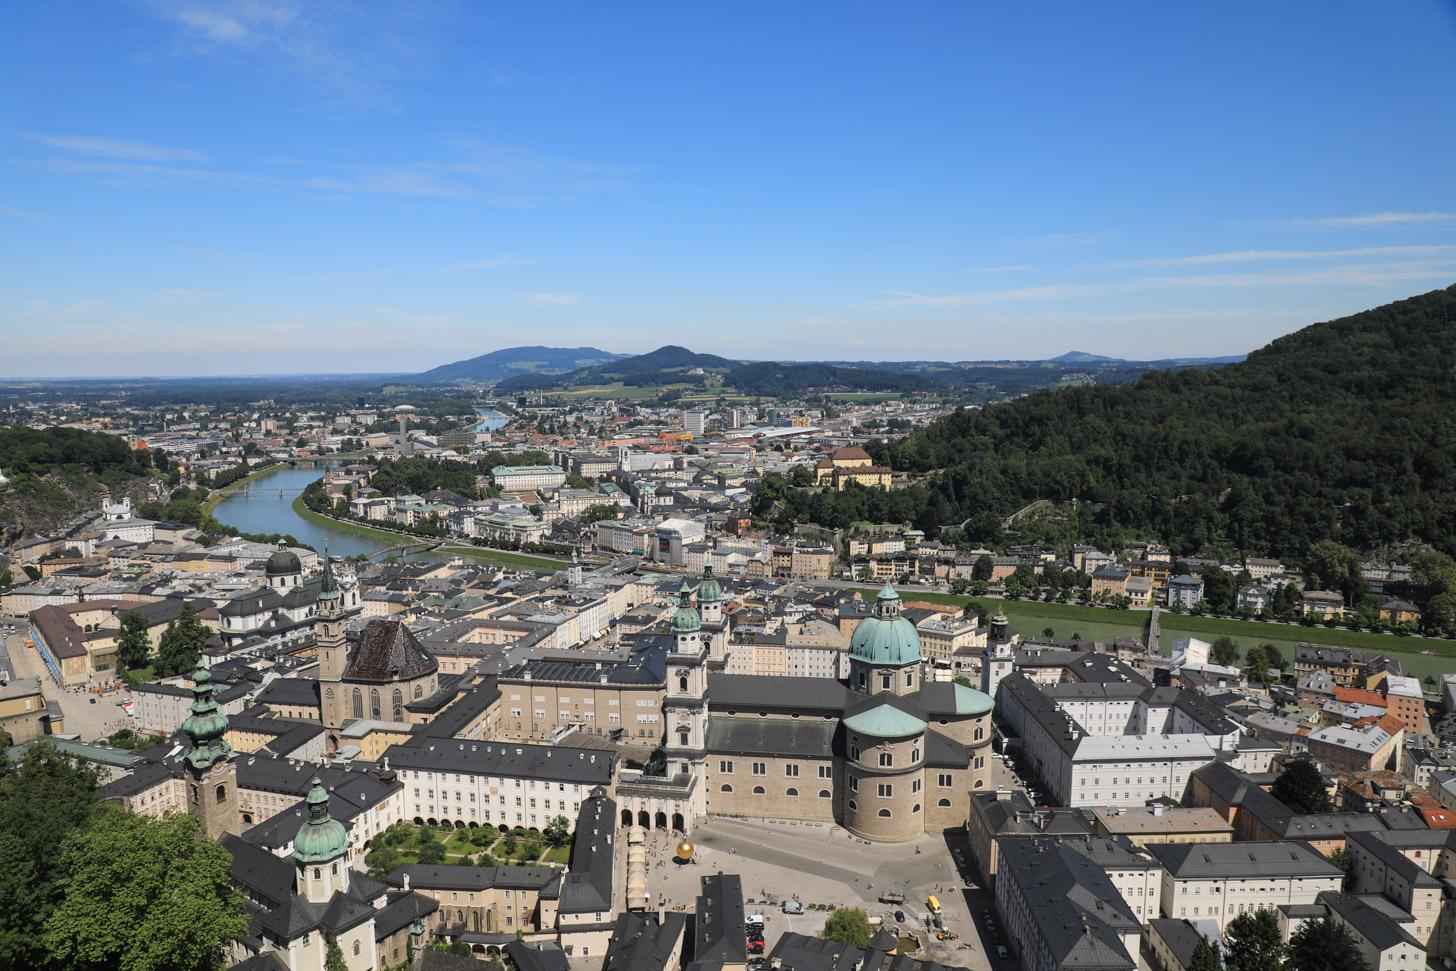 Salzburg gezien vanaf de hoger gelegen vesting.